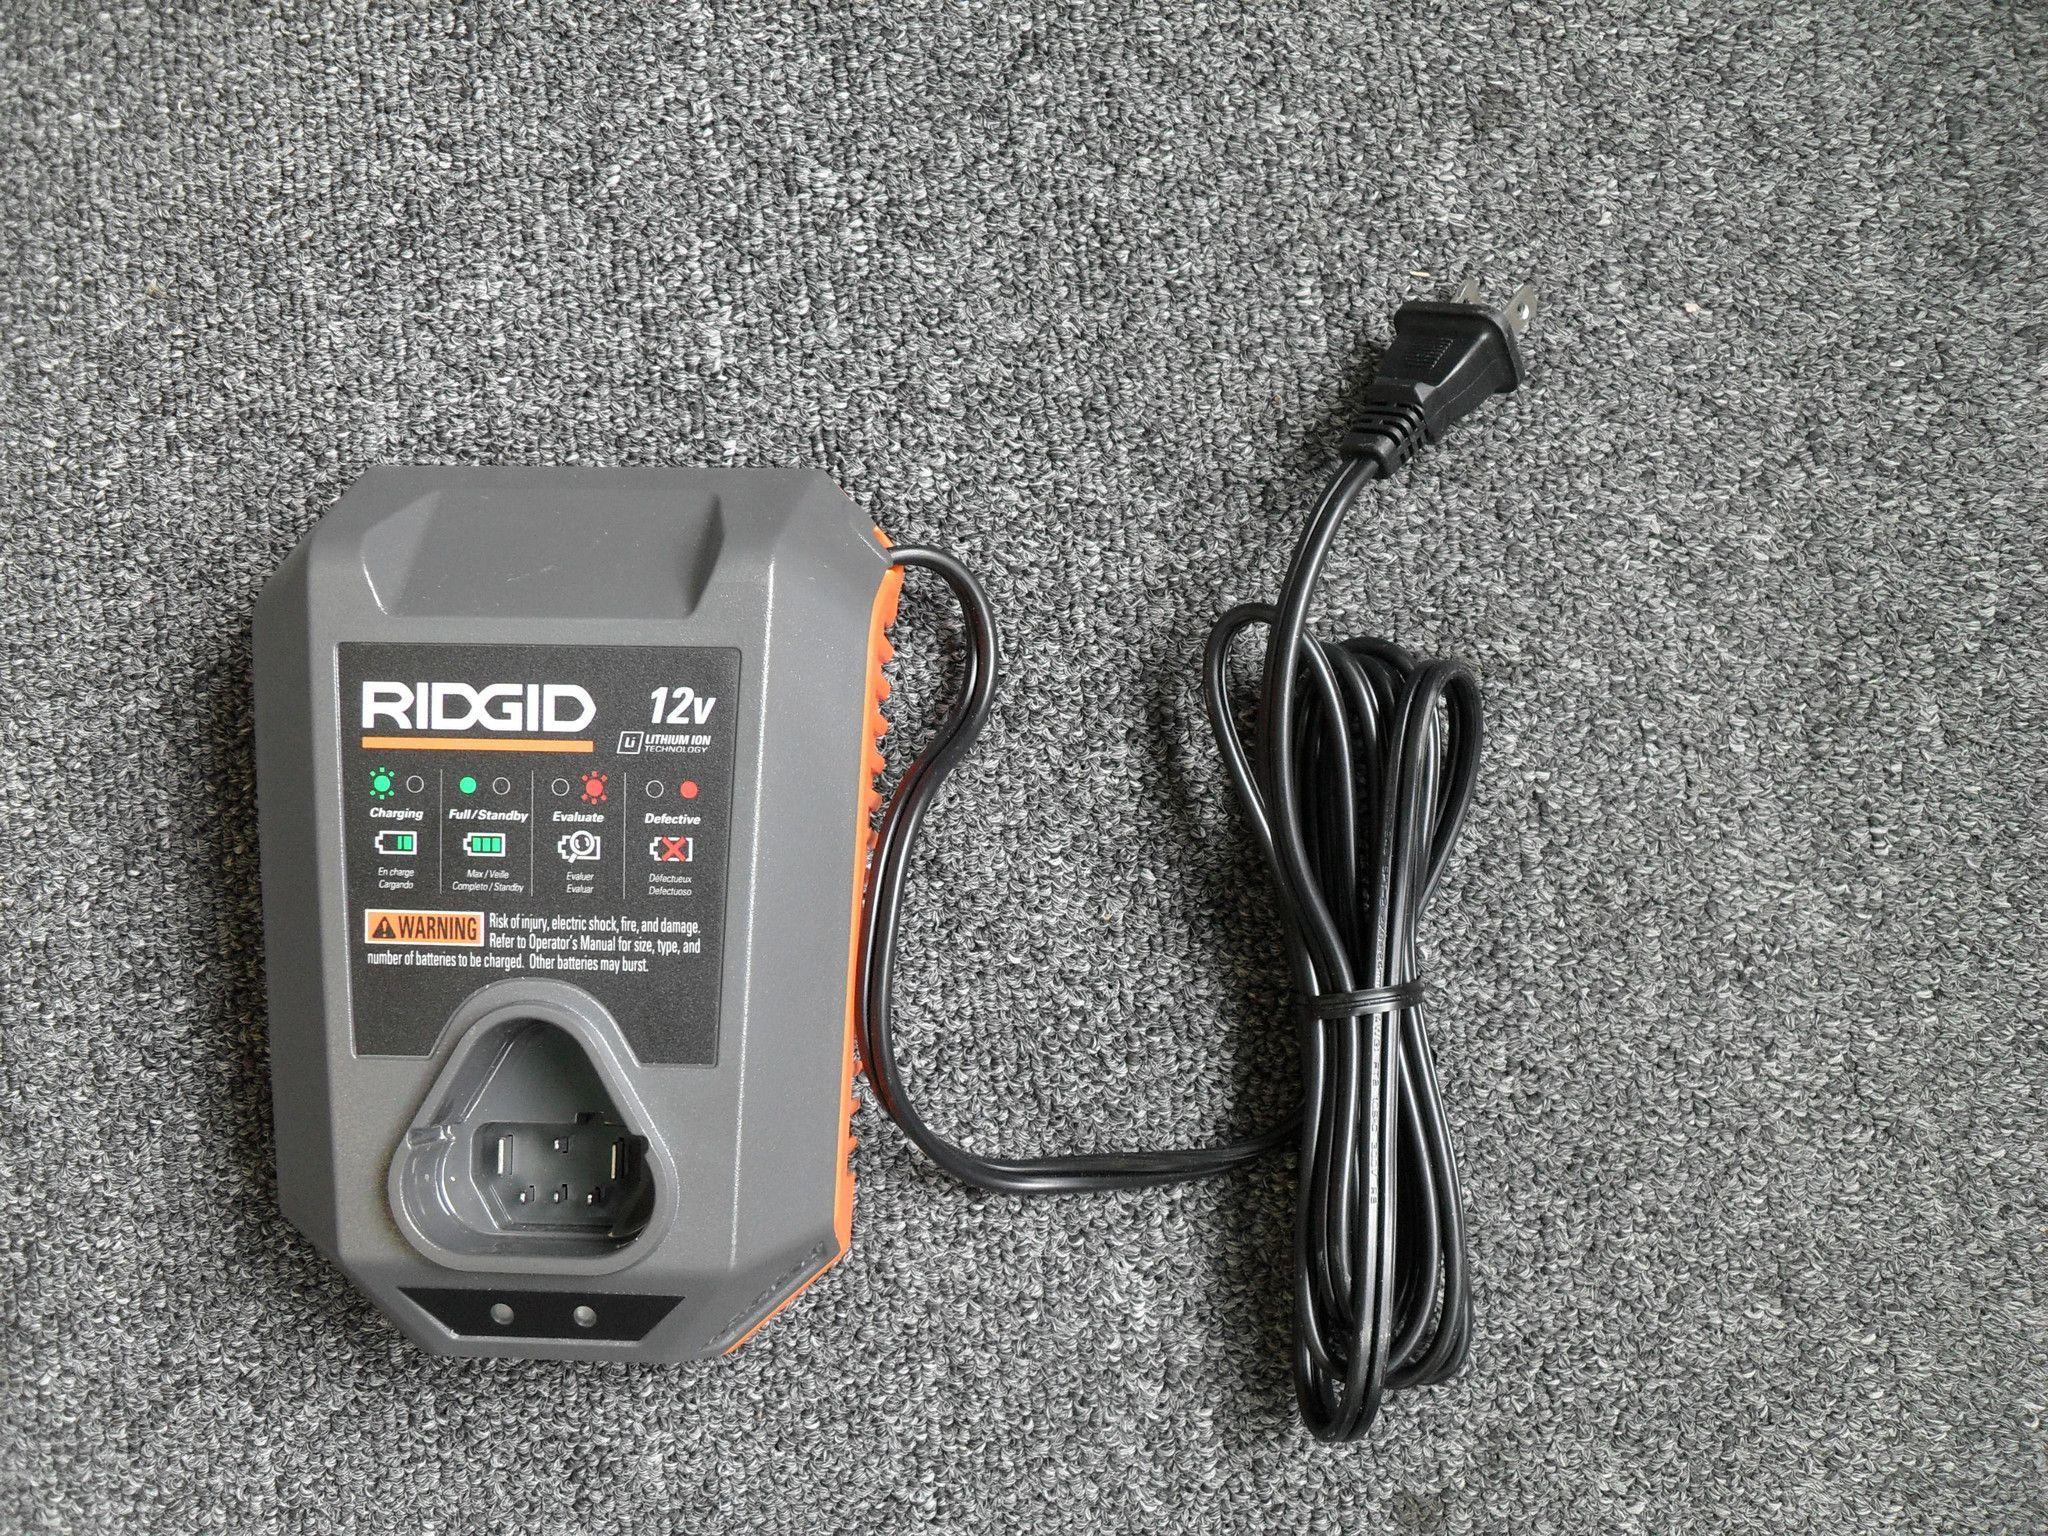 hight resolution of  ridgid v battery schematic diagram on rothenberger 12v battery bosch 12v battery ridgid radio